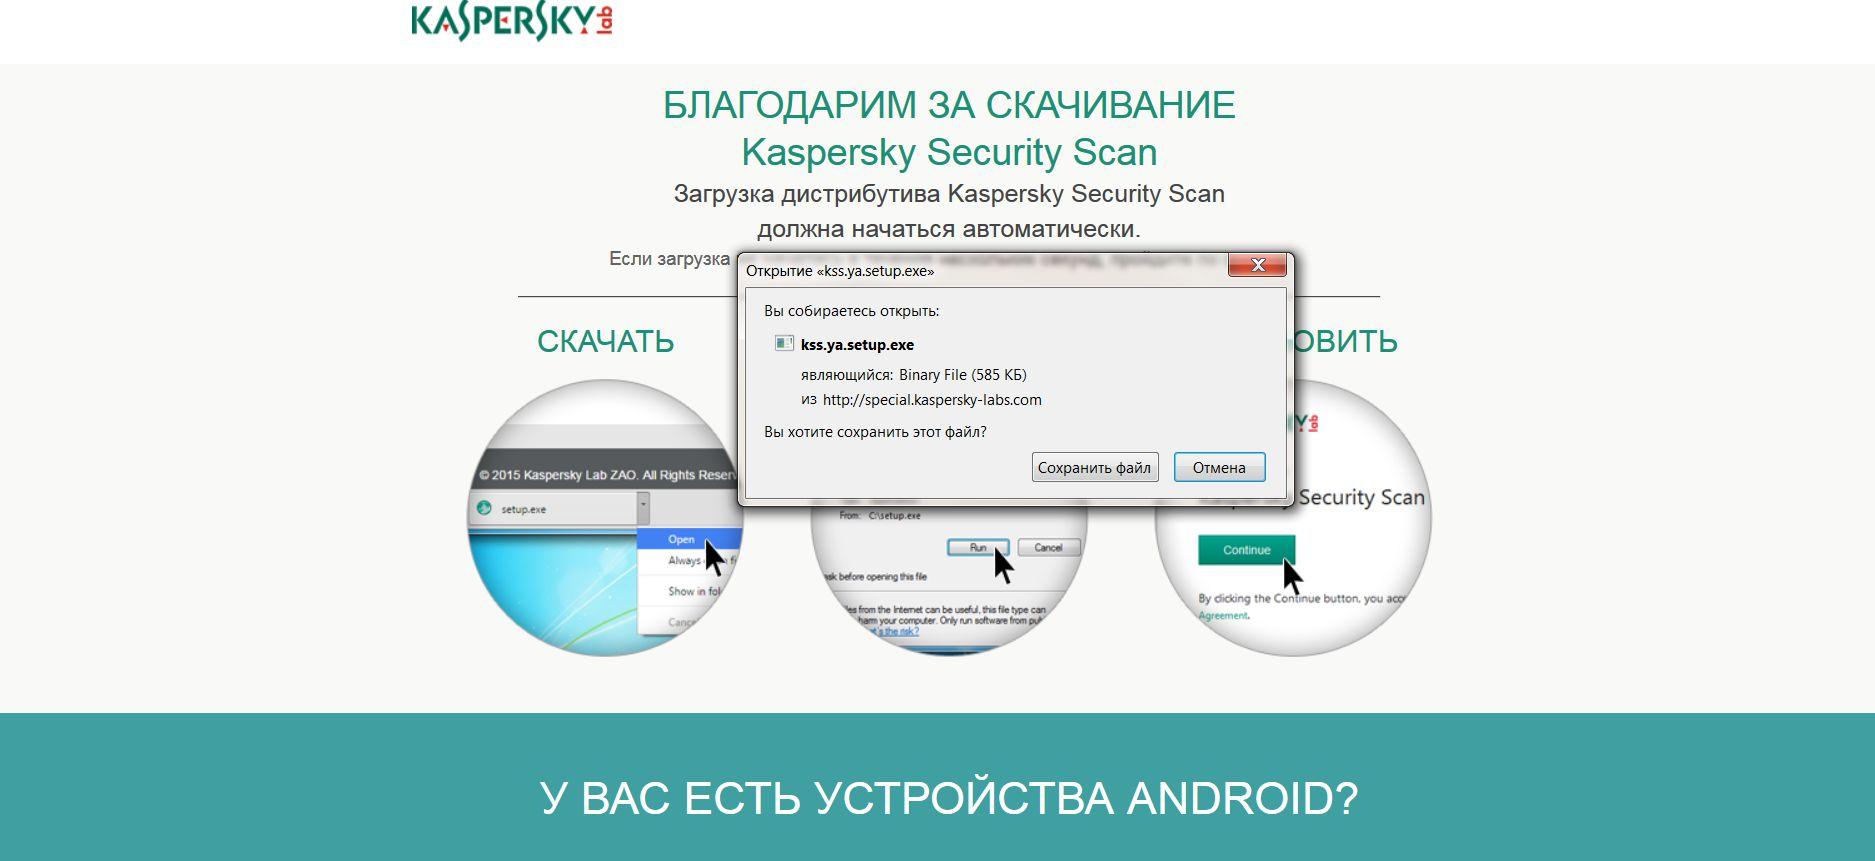 Скачивание утилиты Kaspersky Security Scan